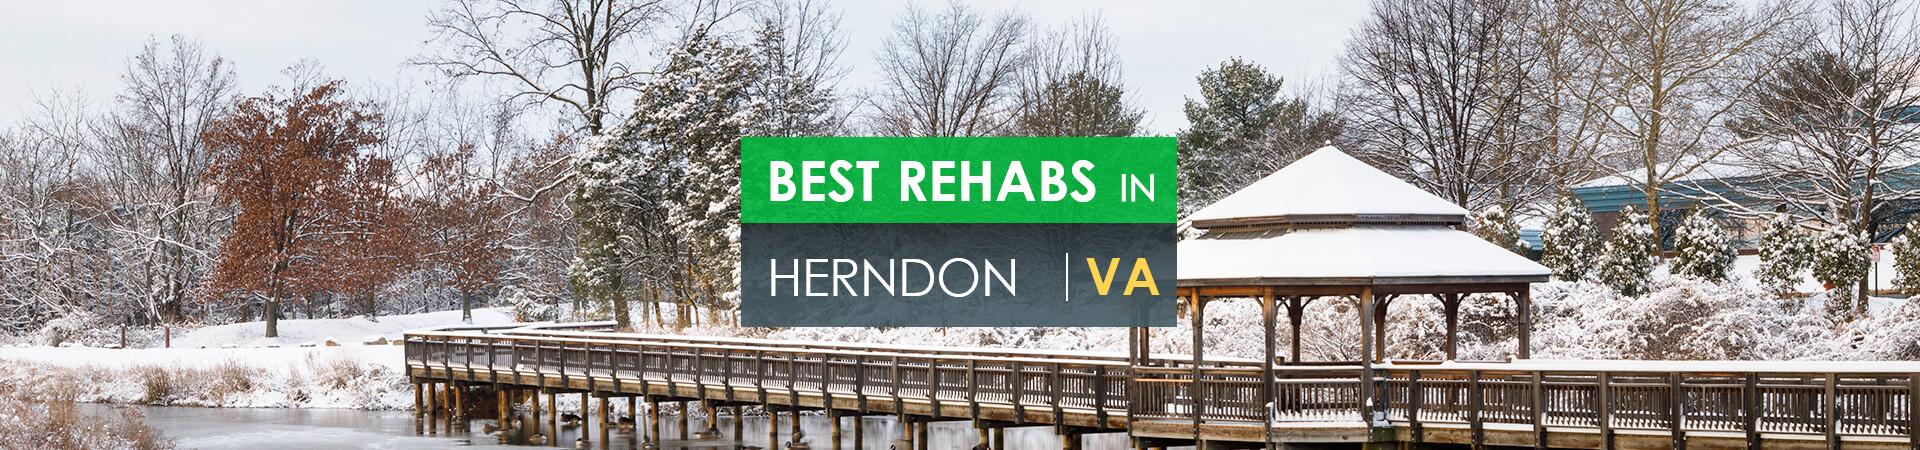 Best rehabs in Herndon, VA